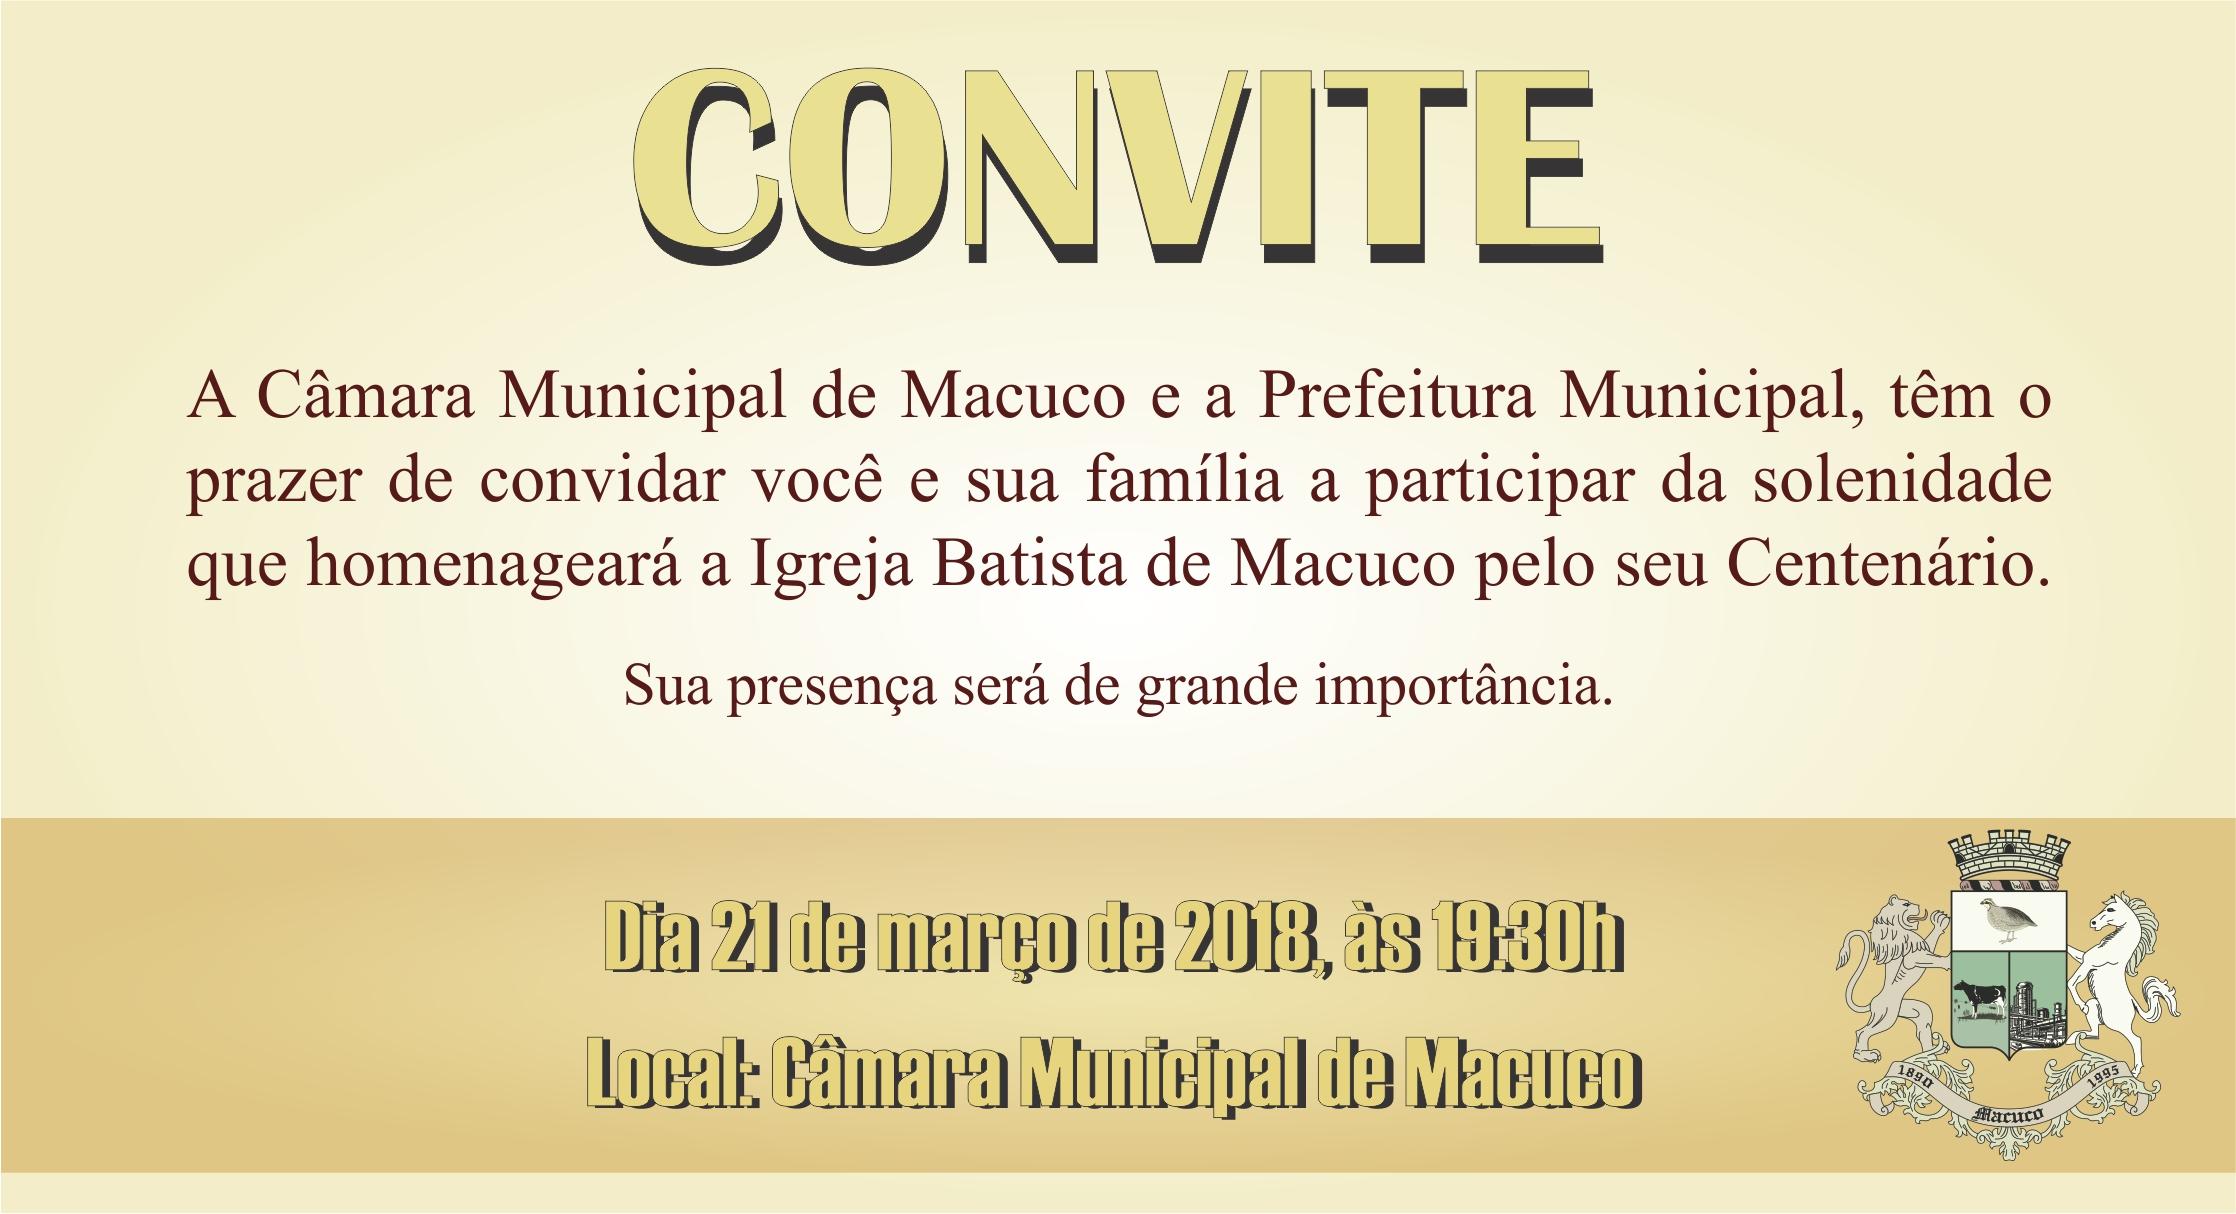 cconvite-igreja